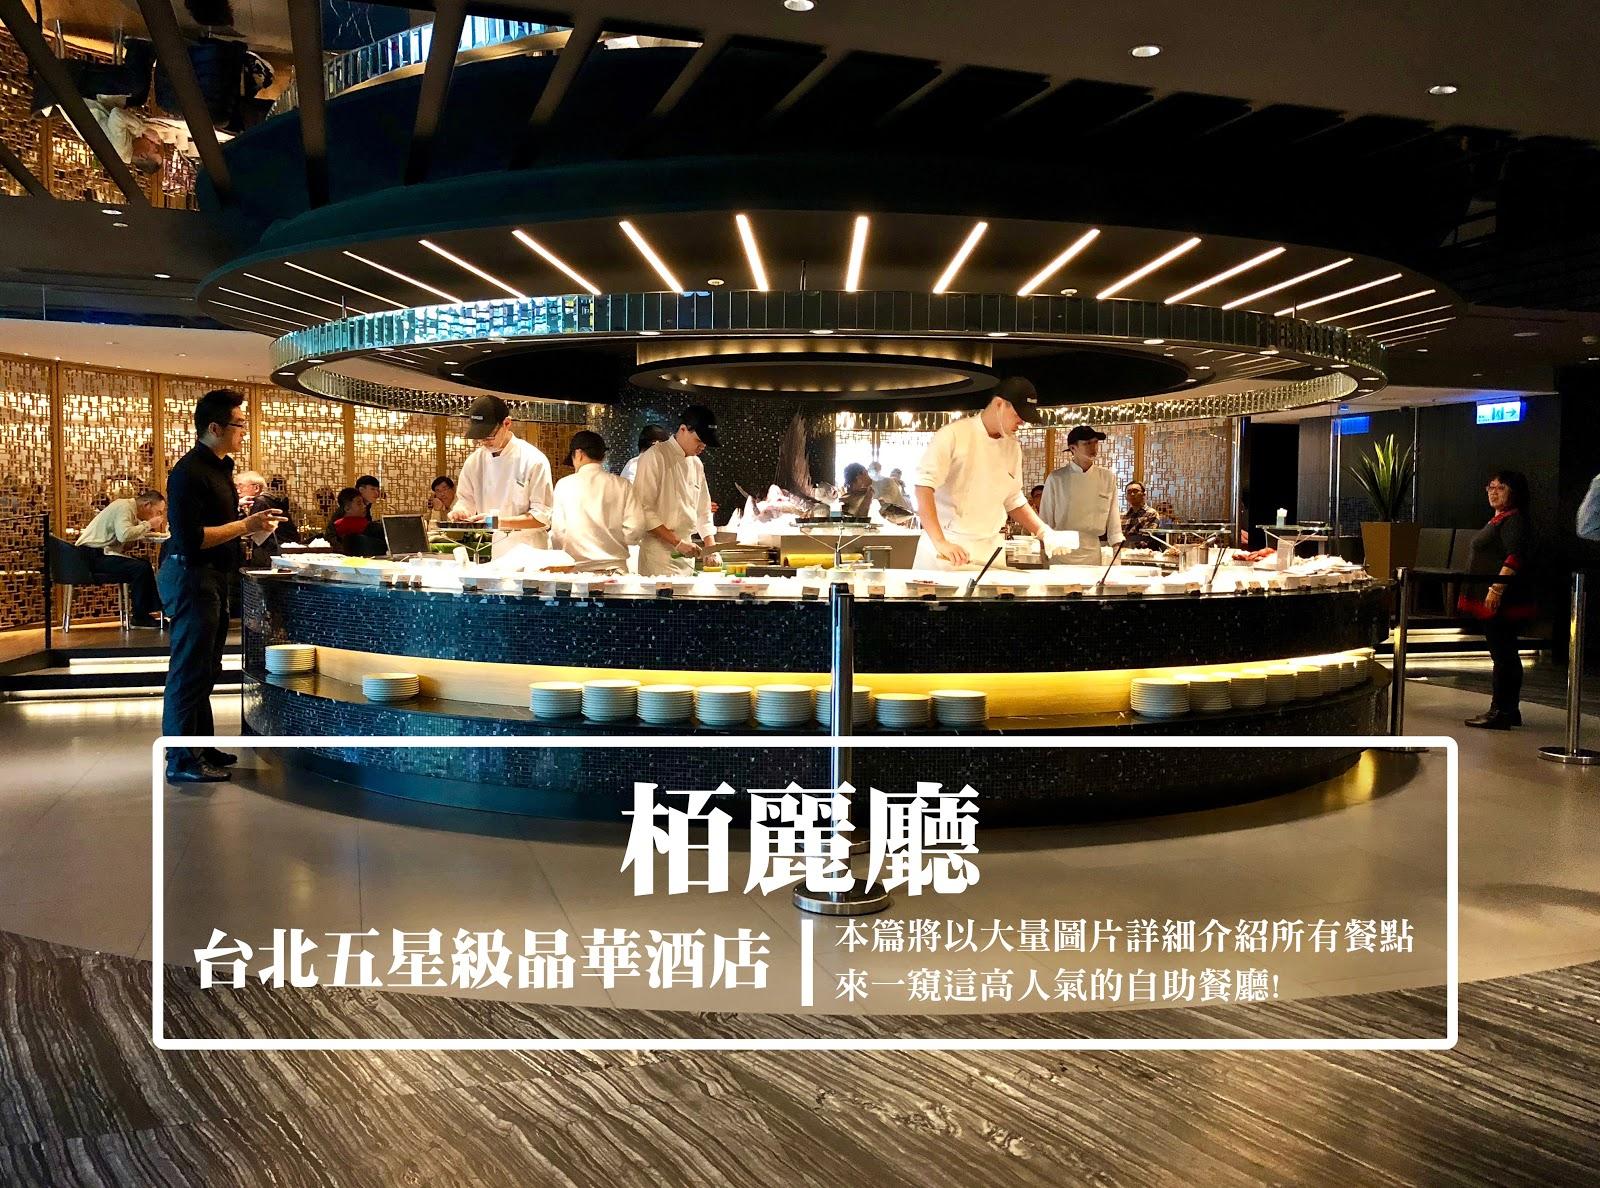 【食記】臺北五星級晶華酒店-栢麗廳, 詳細介紹所有餐點 - 咖尼馬管家的筆記